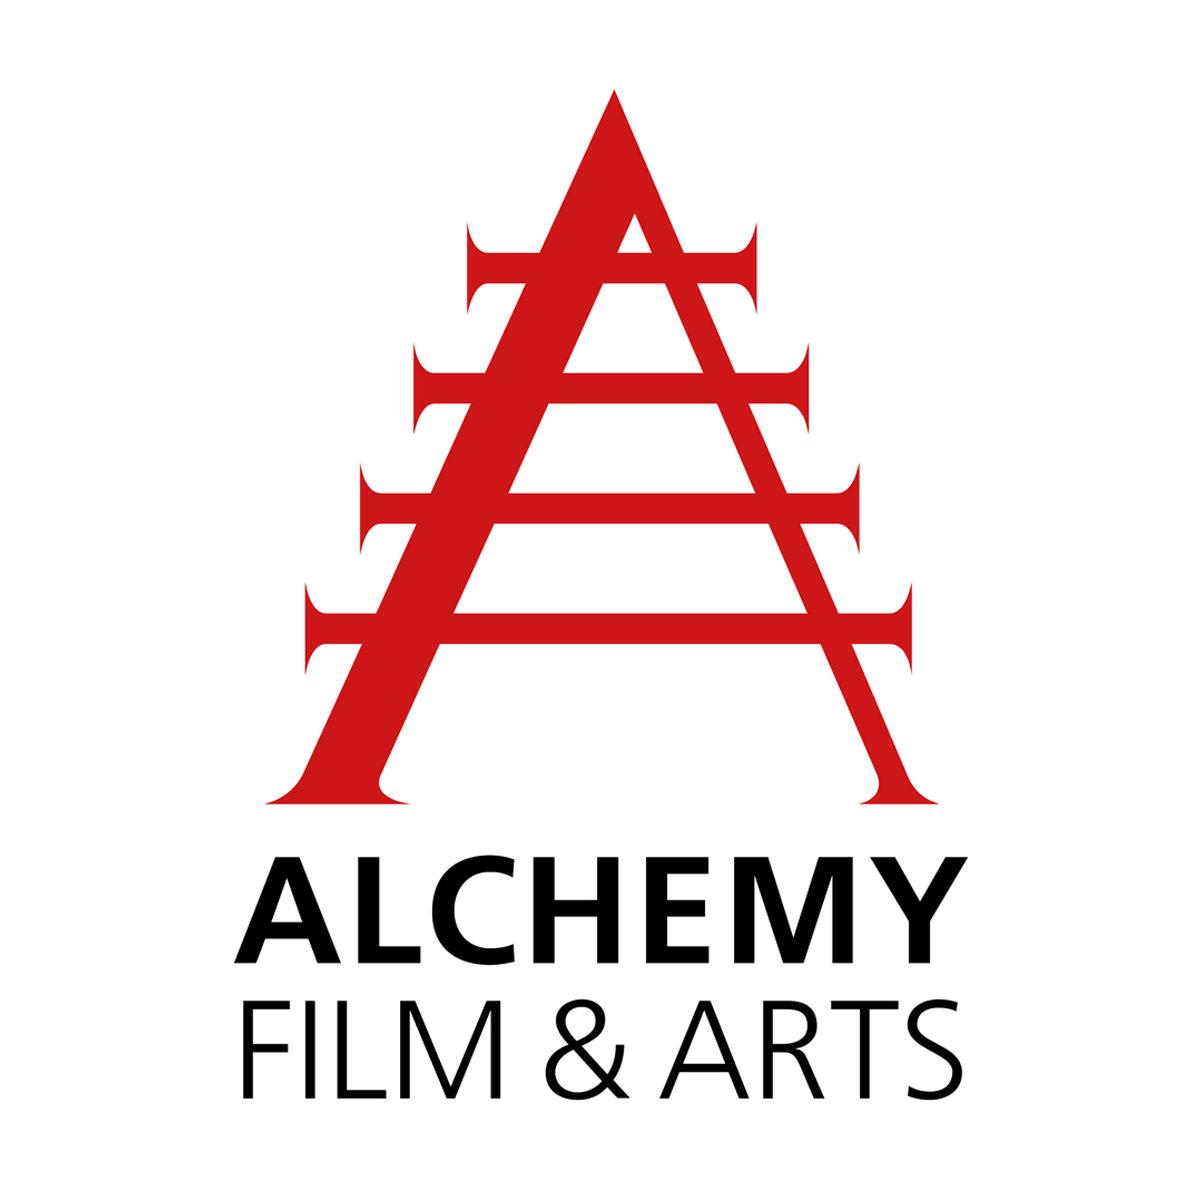 Alchemy Film & Arts